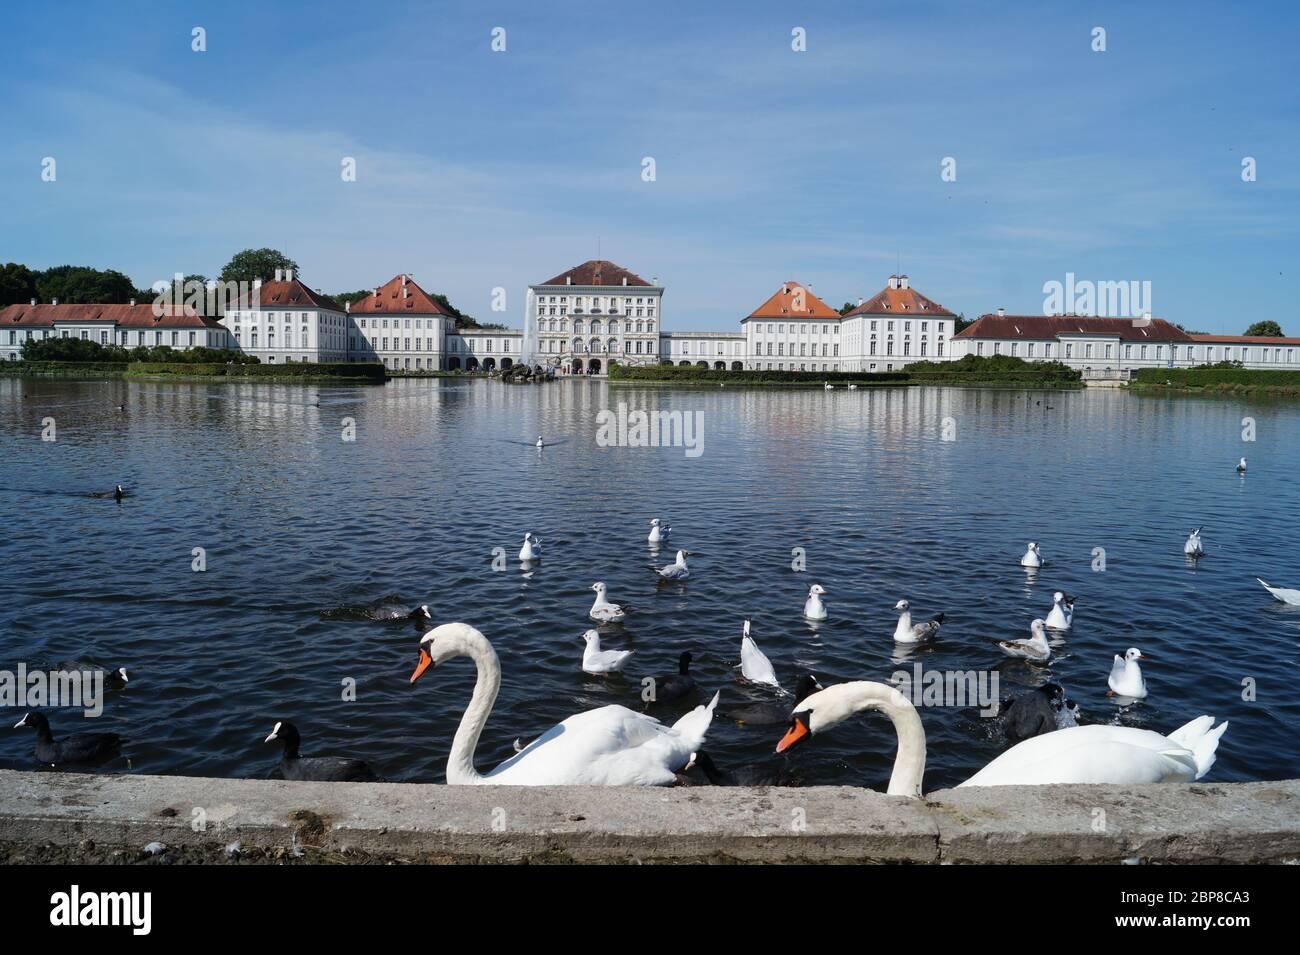 Schloss Nymphenburg mit Teich und Schwänen Stock Photo